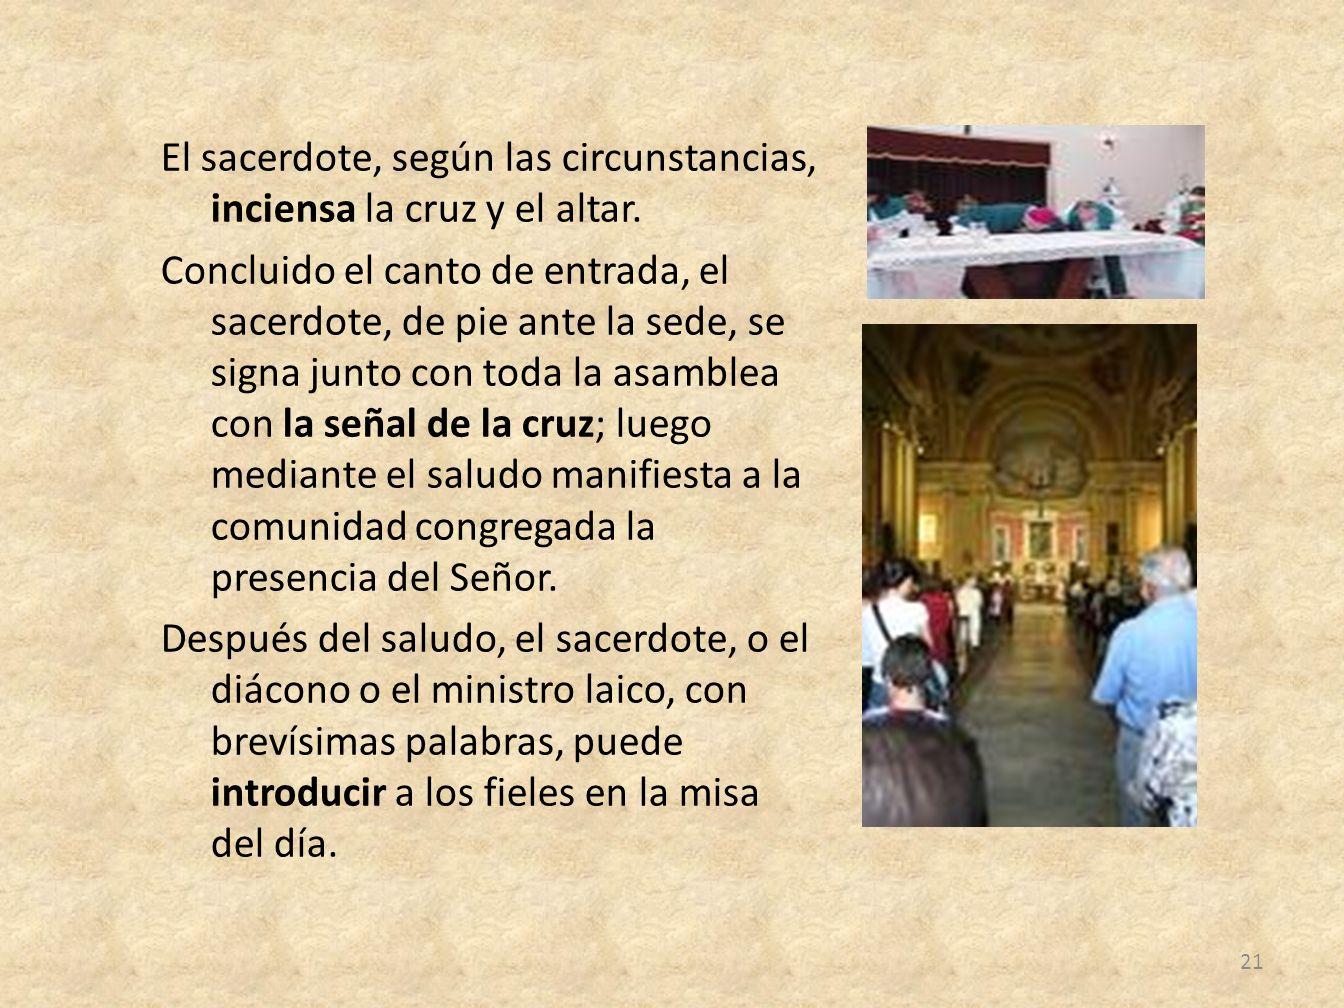 El sacerdote, según las circunstancias, inciensa la cruz y el altar. Concluido el canto de entrada, el sacerdote, de pie ante la sede, se signa junto